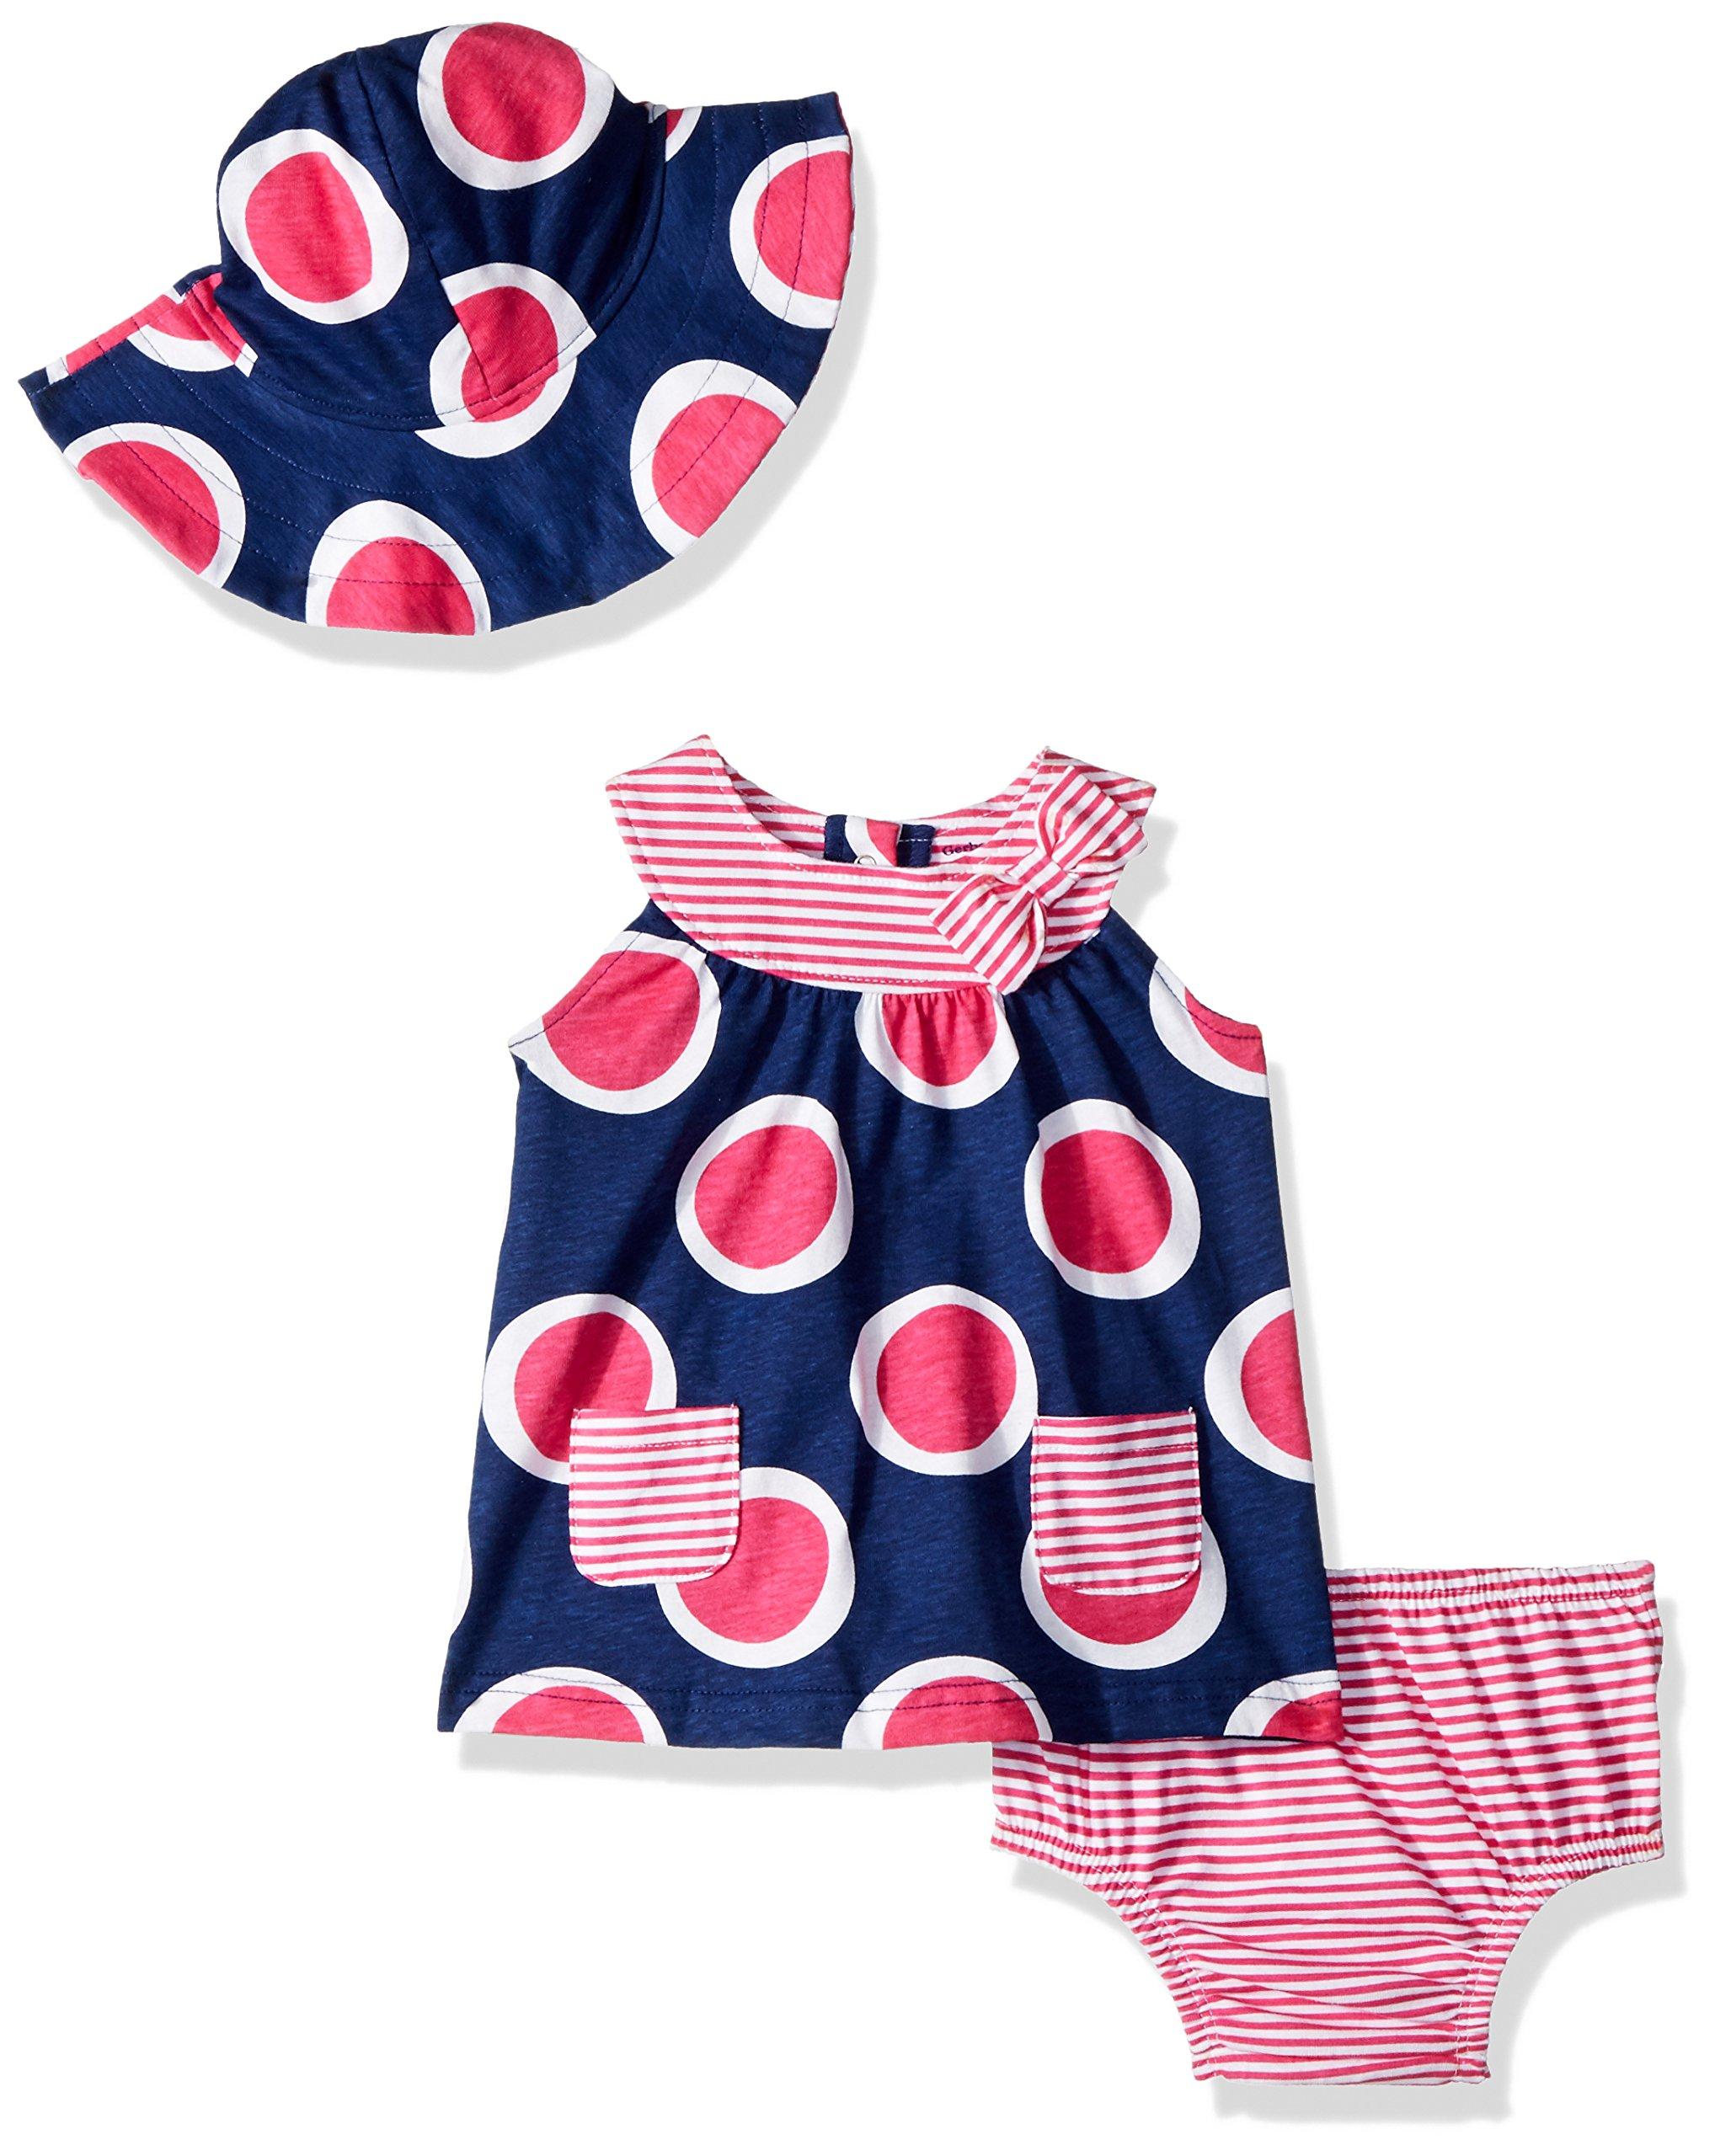 Best spring dresses for babies